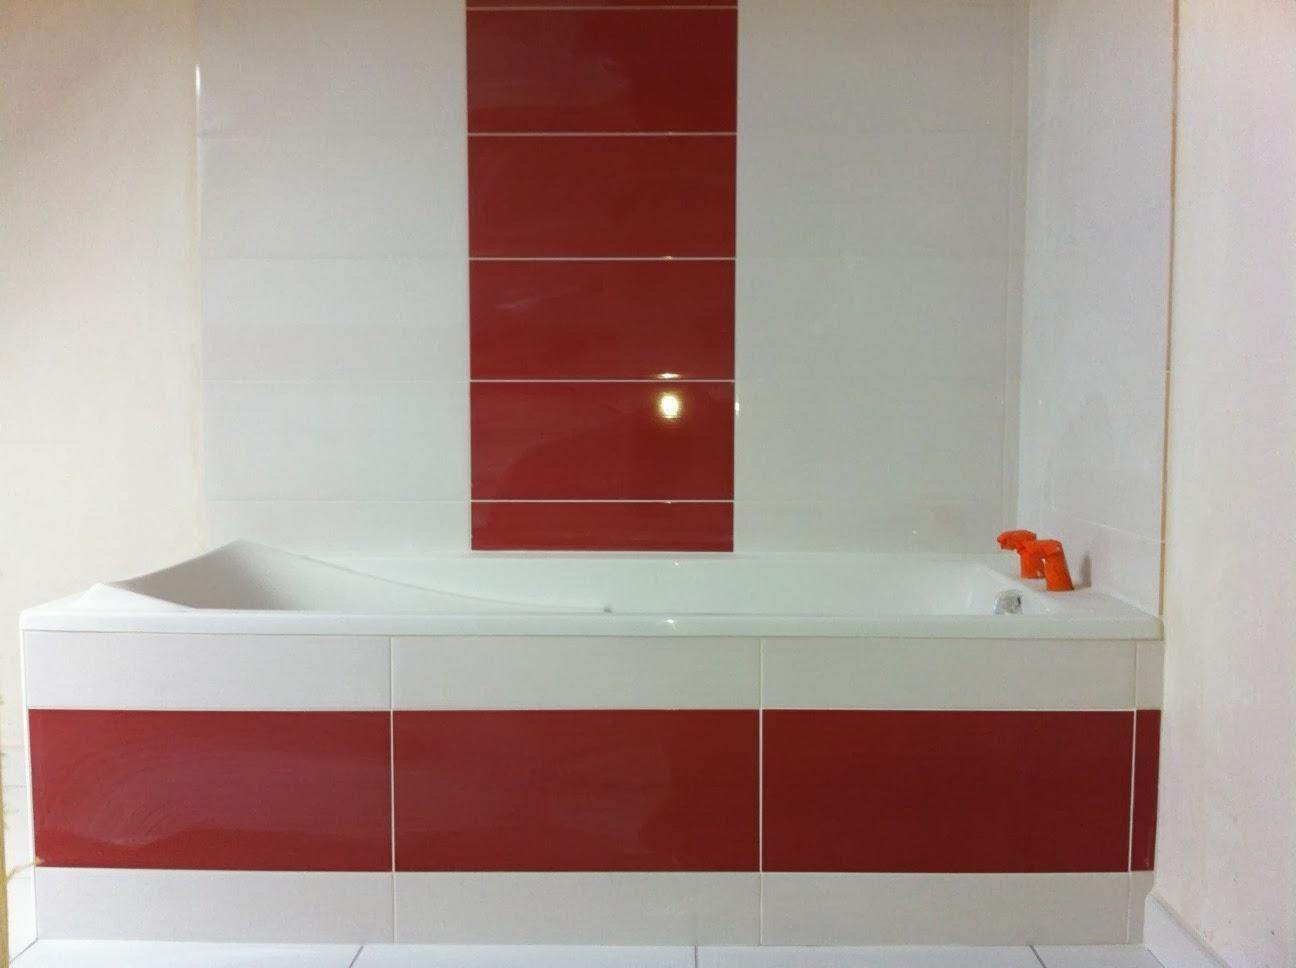 Notre future maison plougonvelin la salle de bain de l for Salle de bain du futur